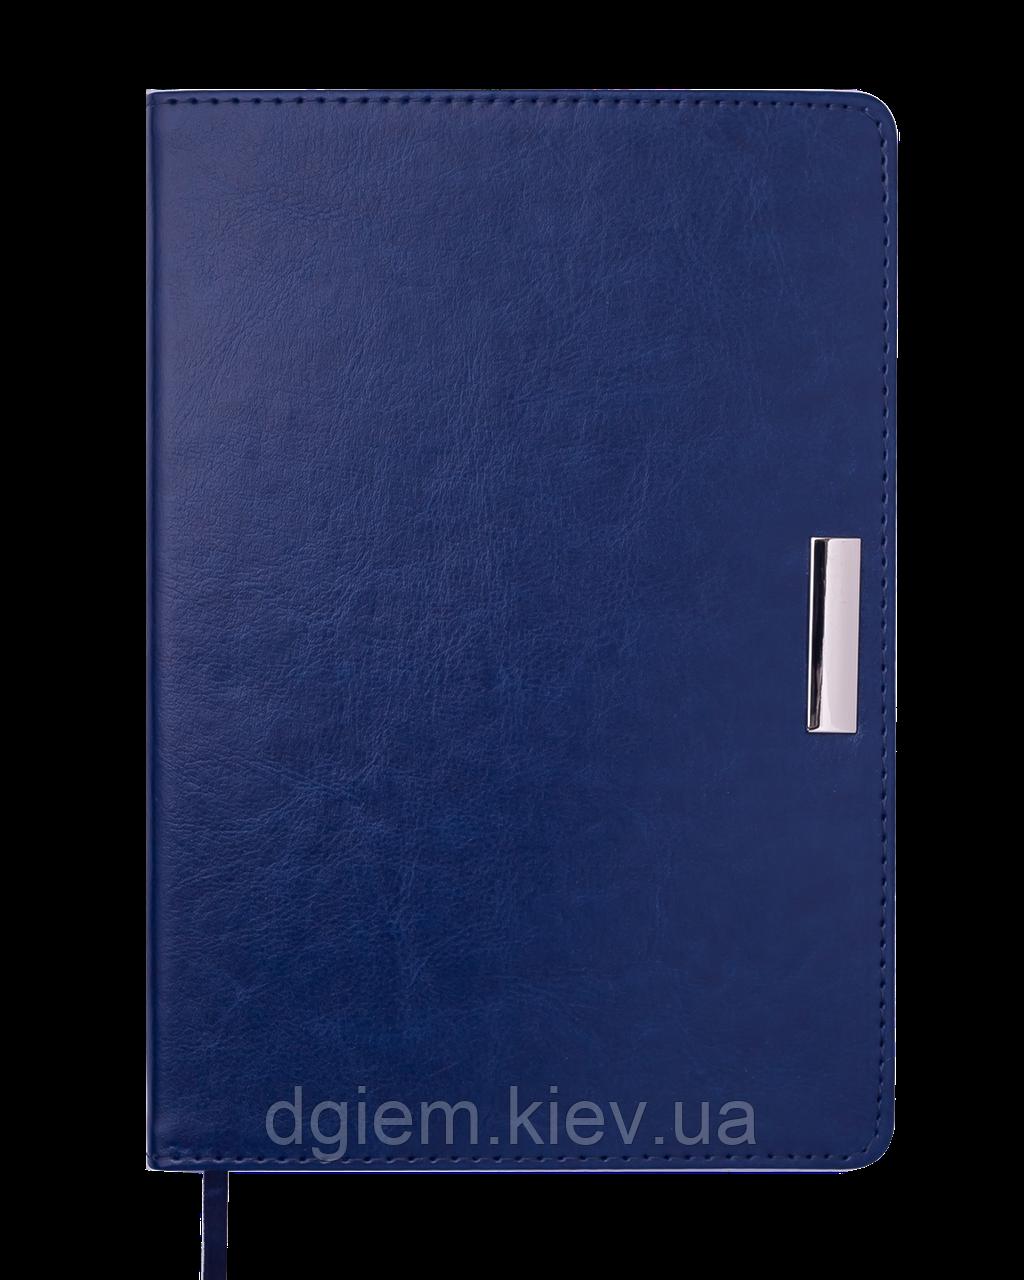 Ежедневник датированный 2021 SALERNO A5